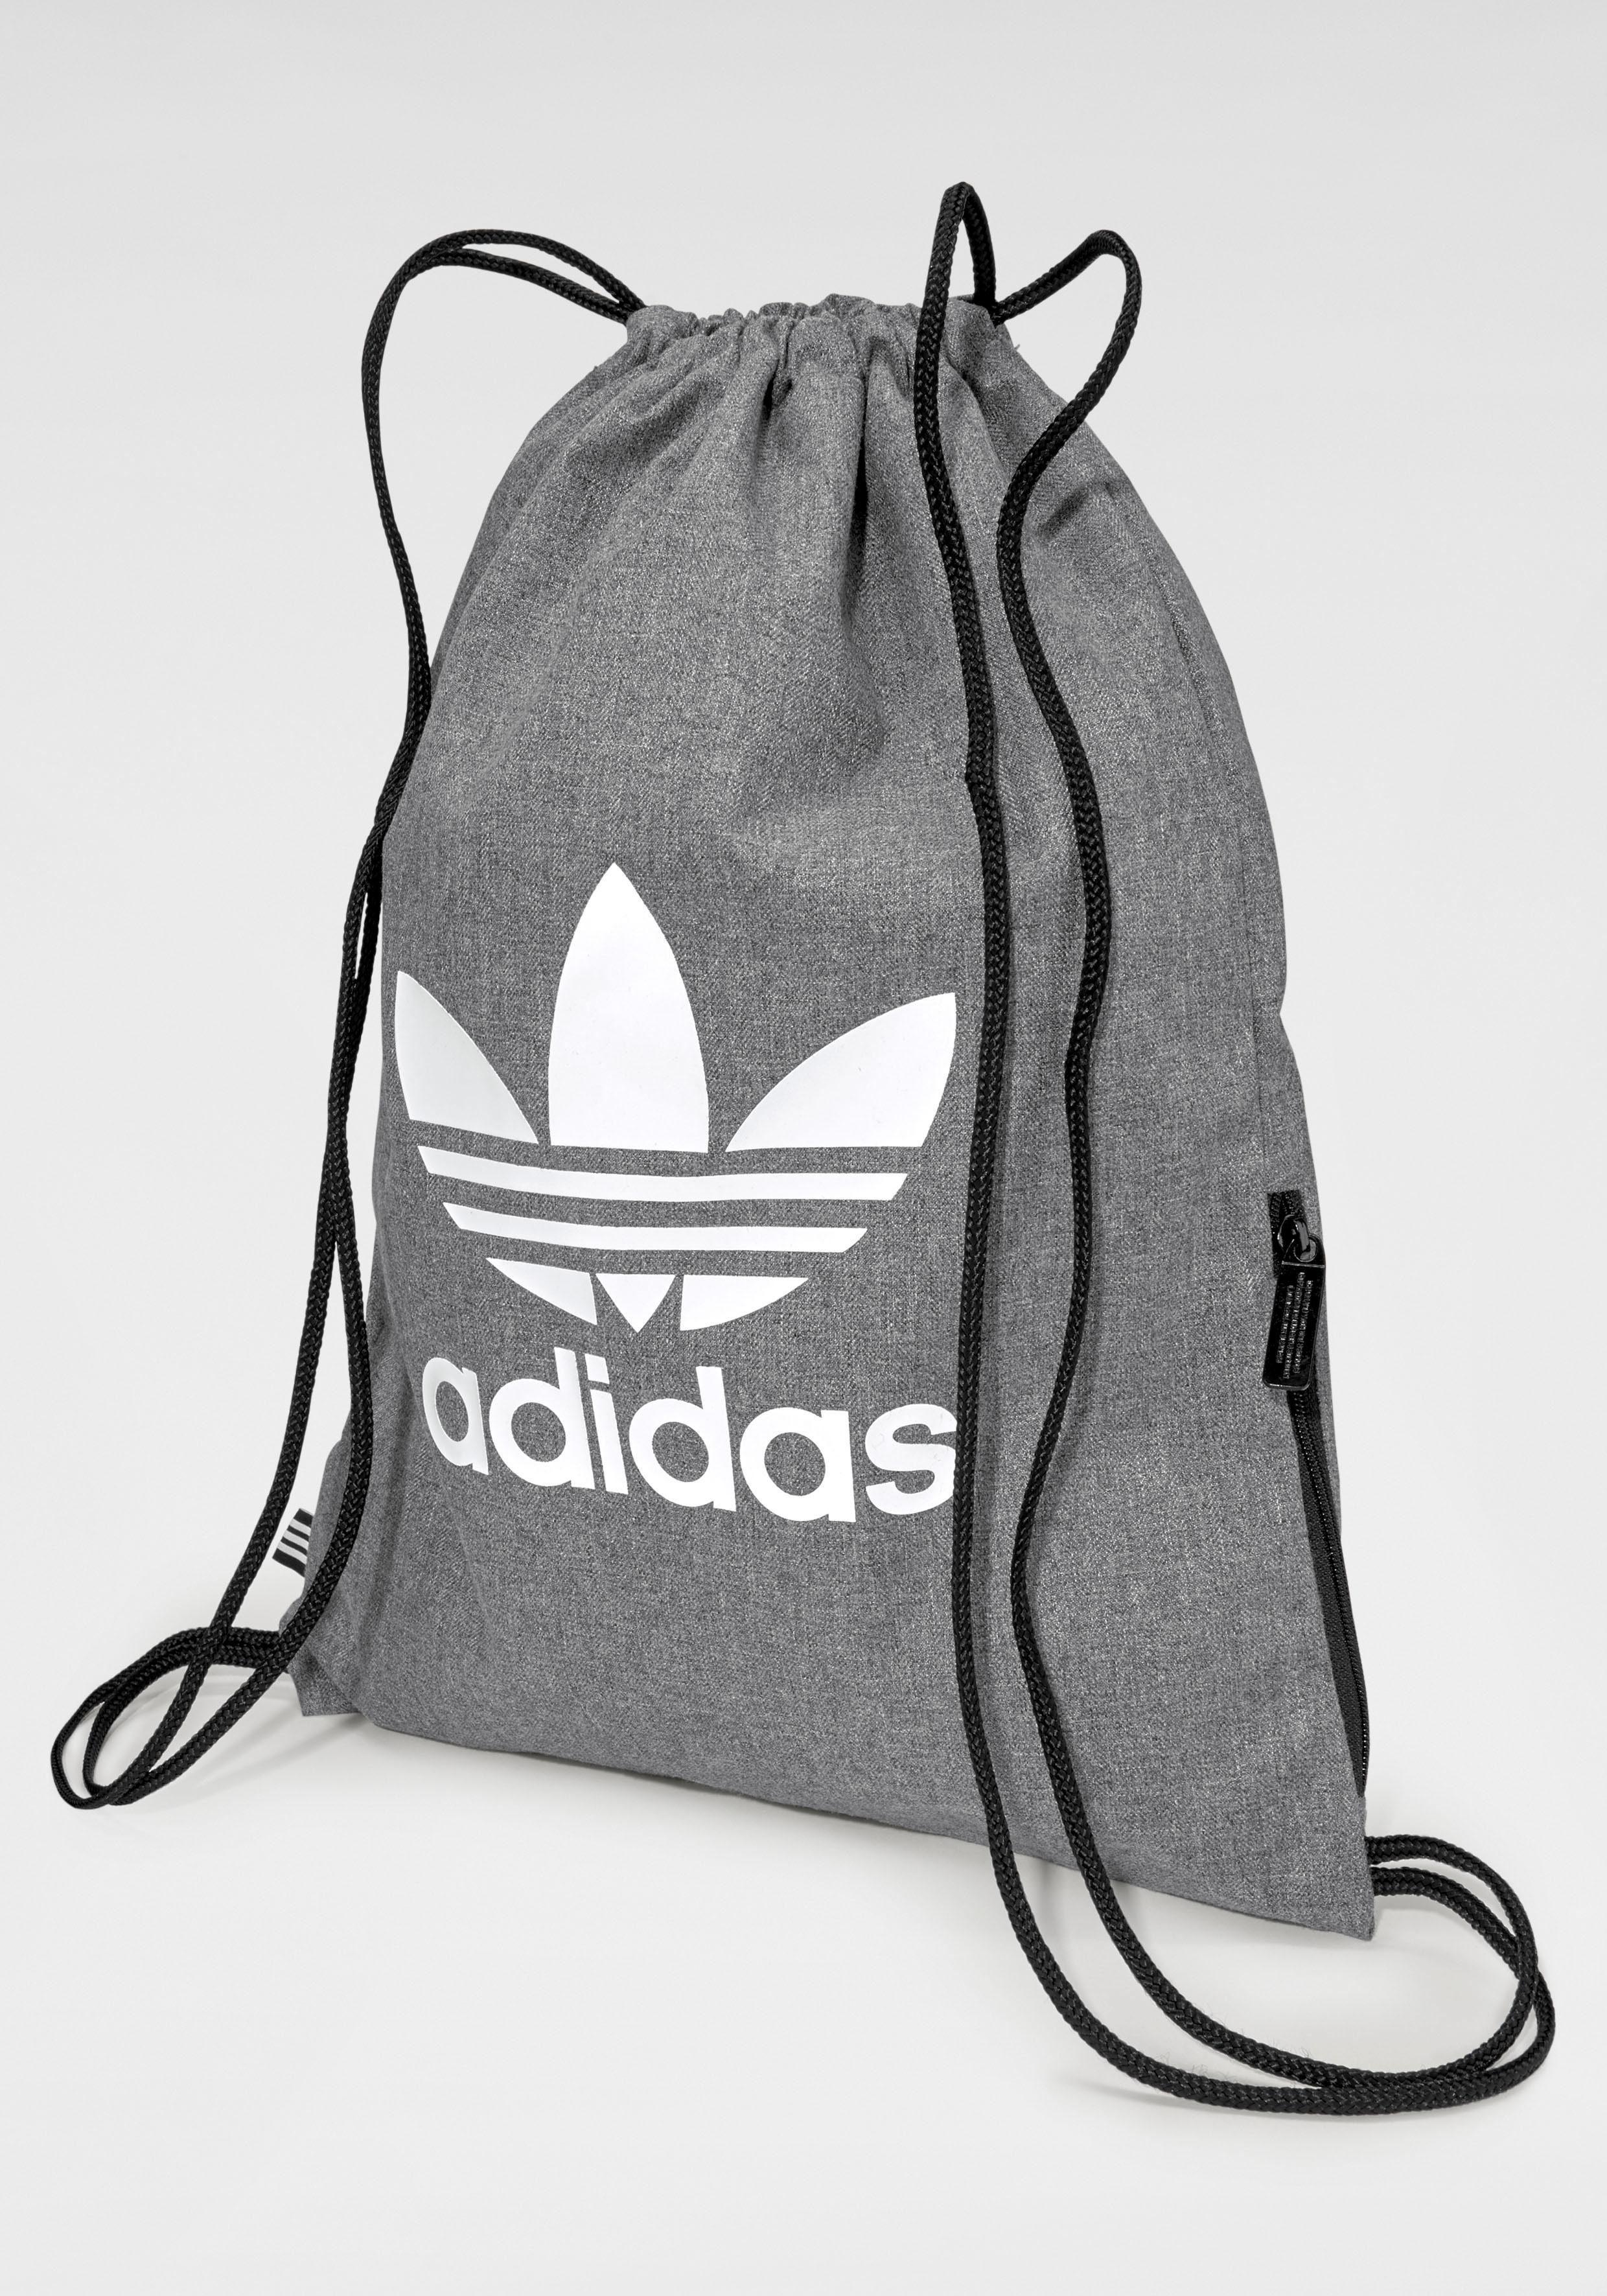 adidas Originals Turnbeutel, Logodruck online kaufen | OTTO